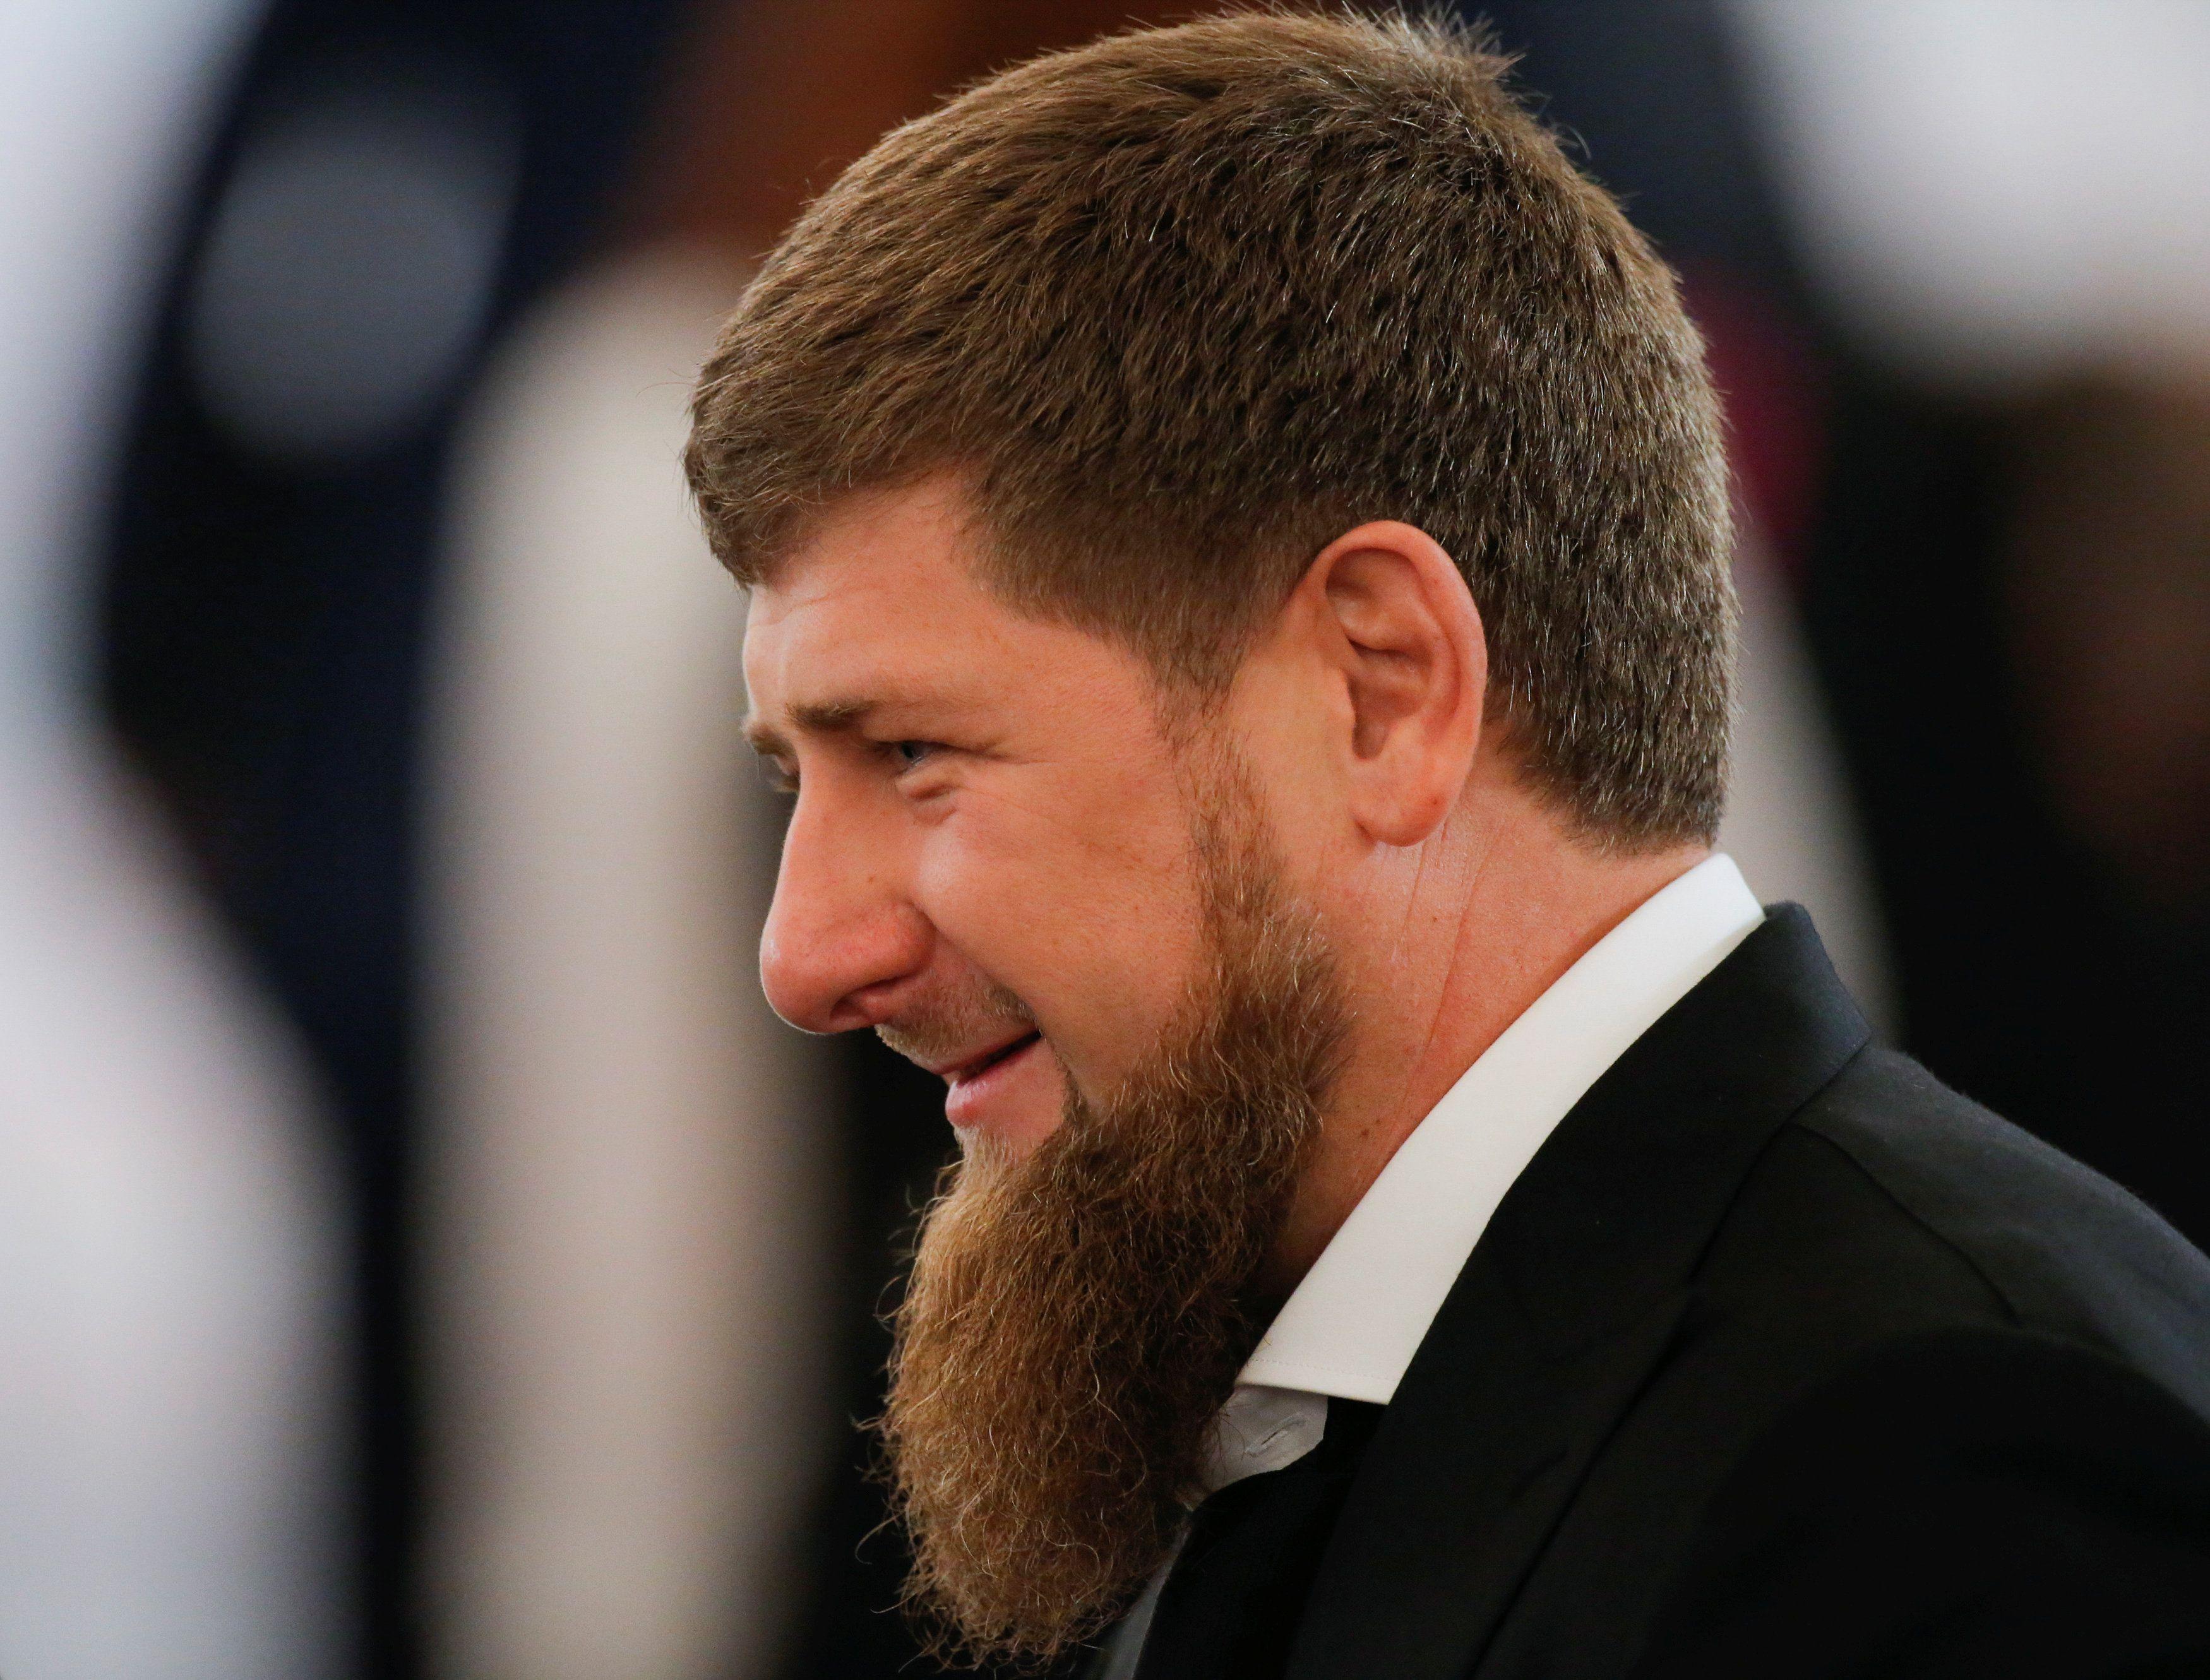 Депутат Госдумы сообщил, что у Рамзана Кадырова возникли мелкие проблемы со здоровьем - Новости России